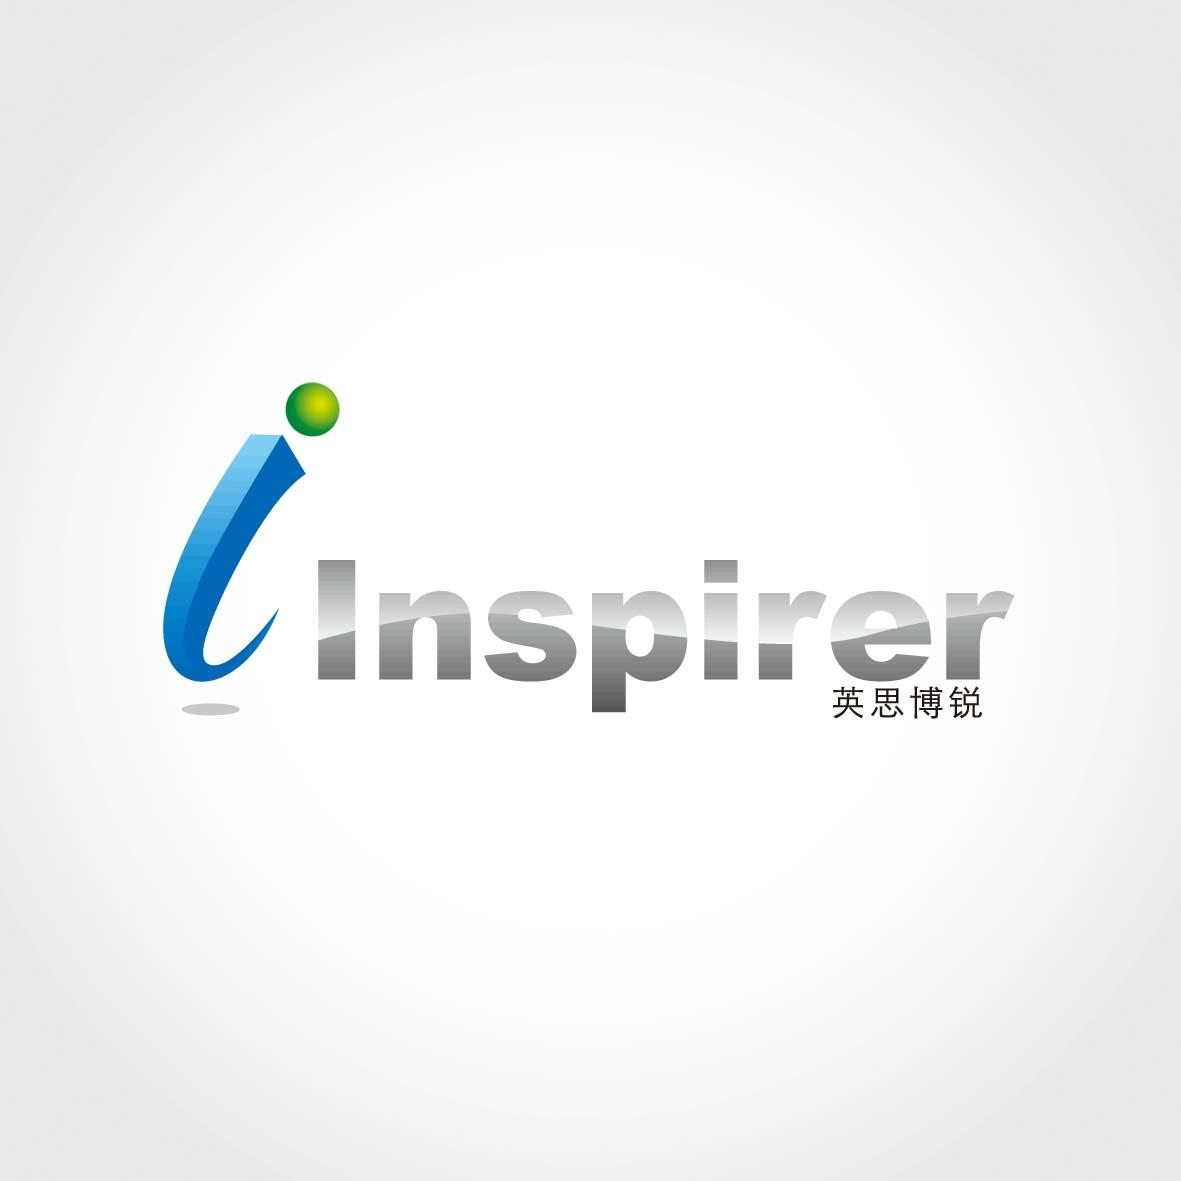 武汉英思博锐科技有限公司